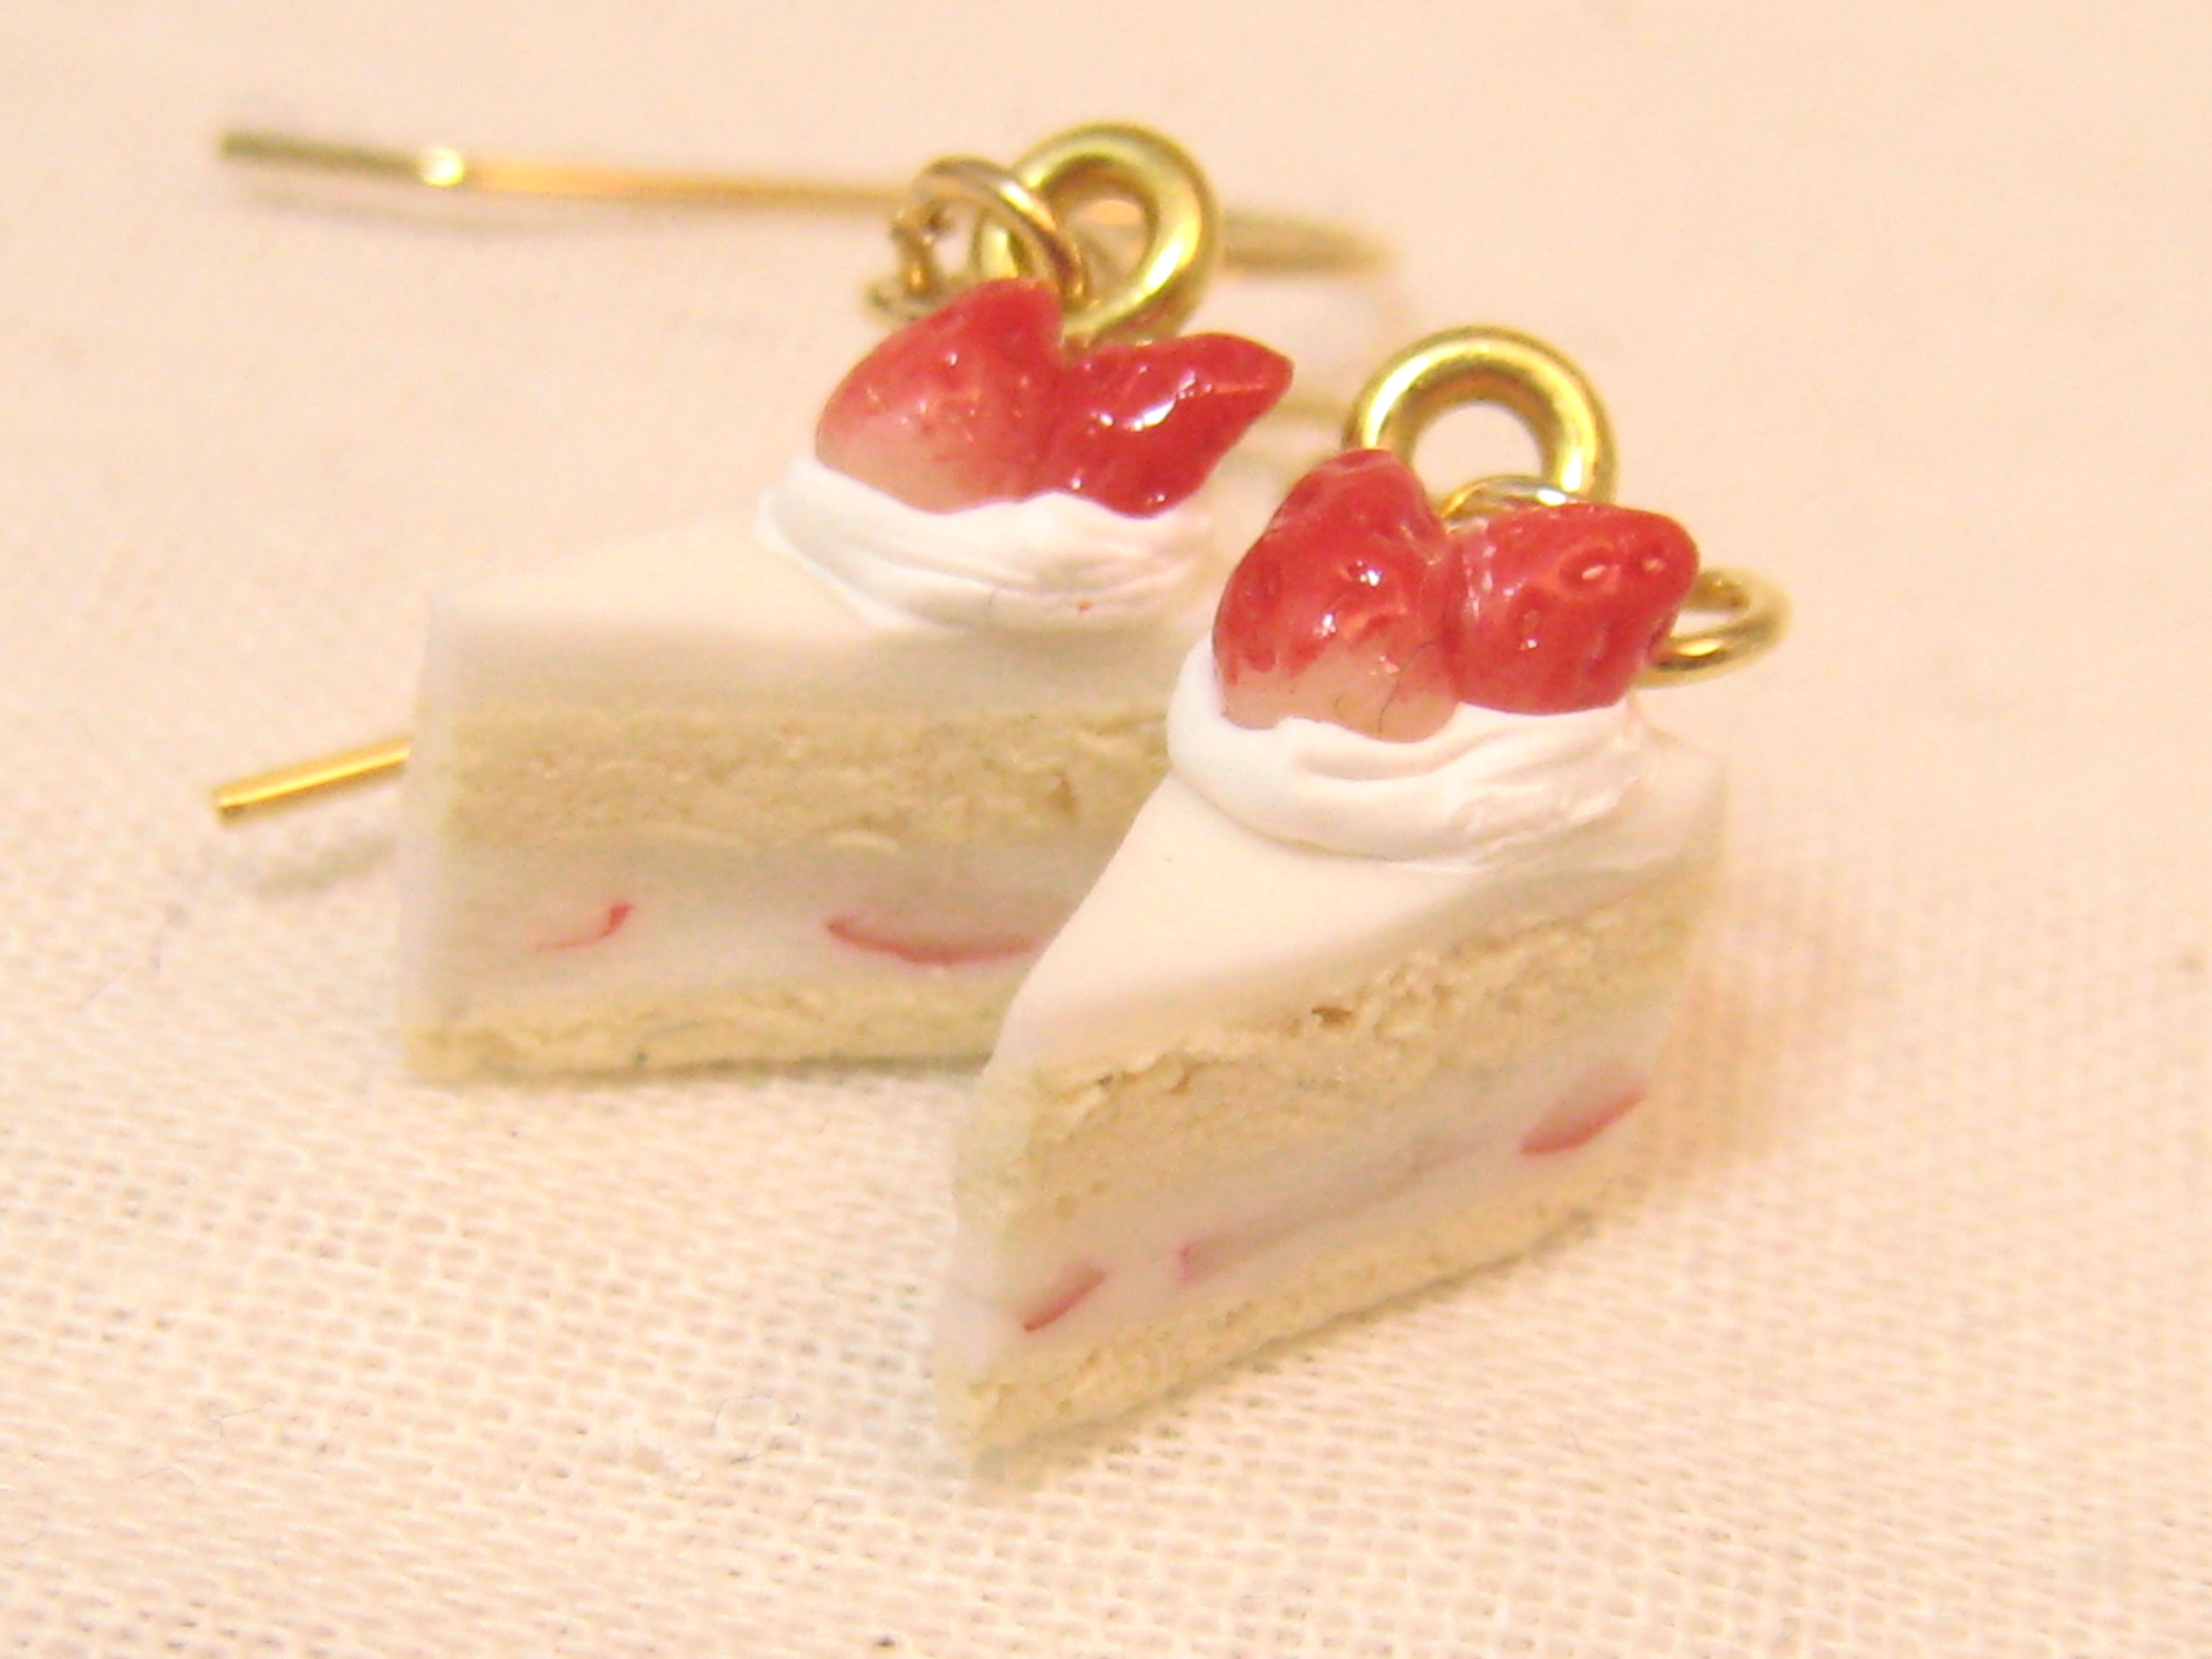 イチゴのショートケーキピアス1